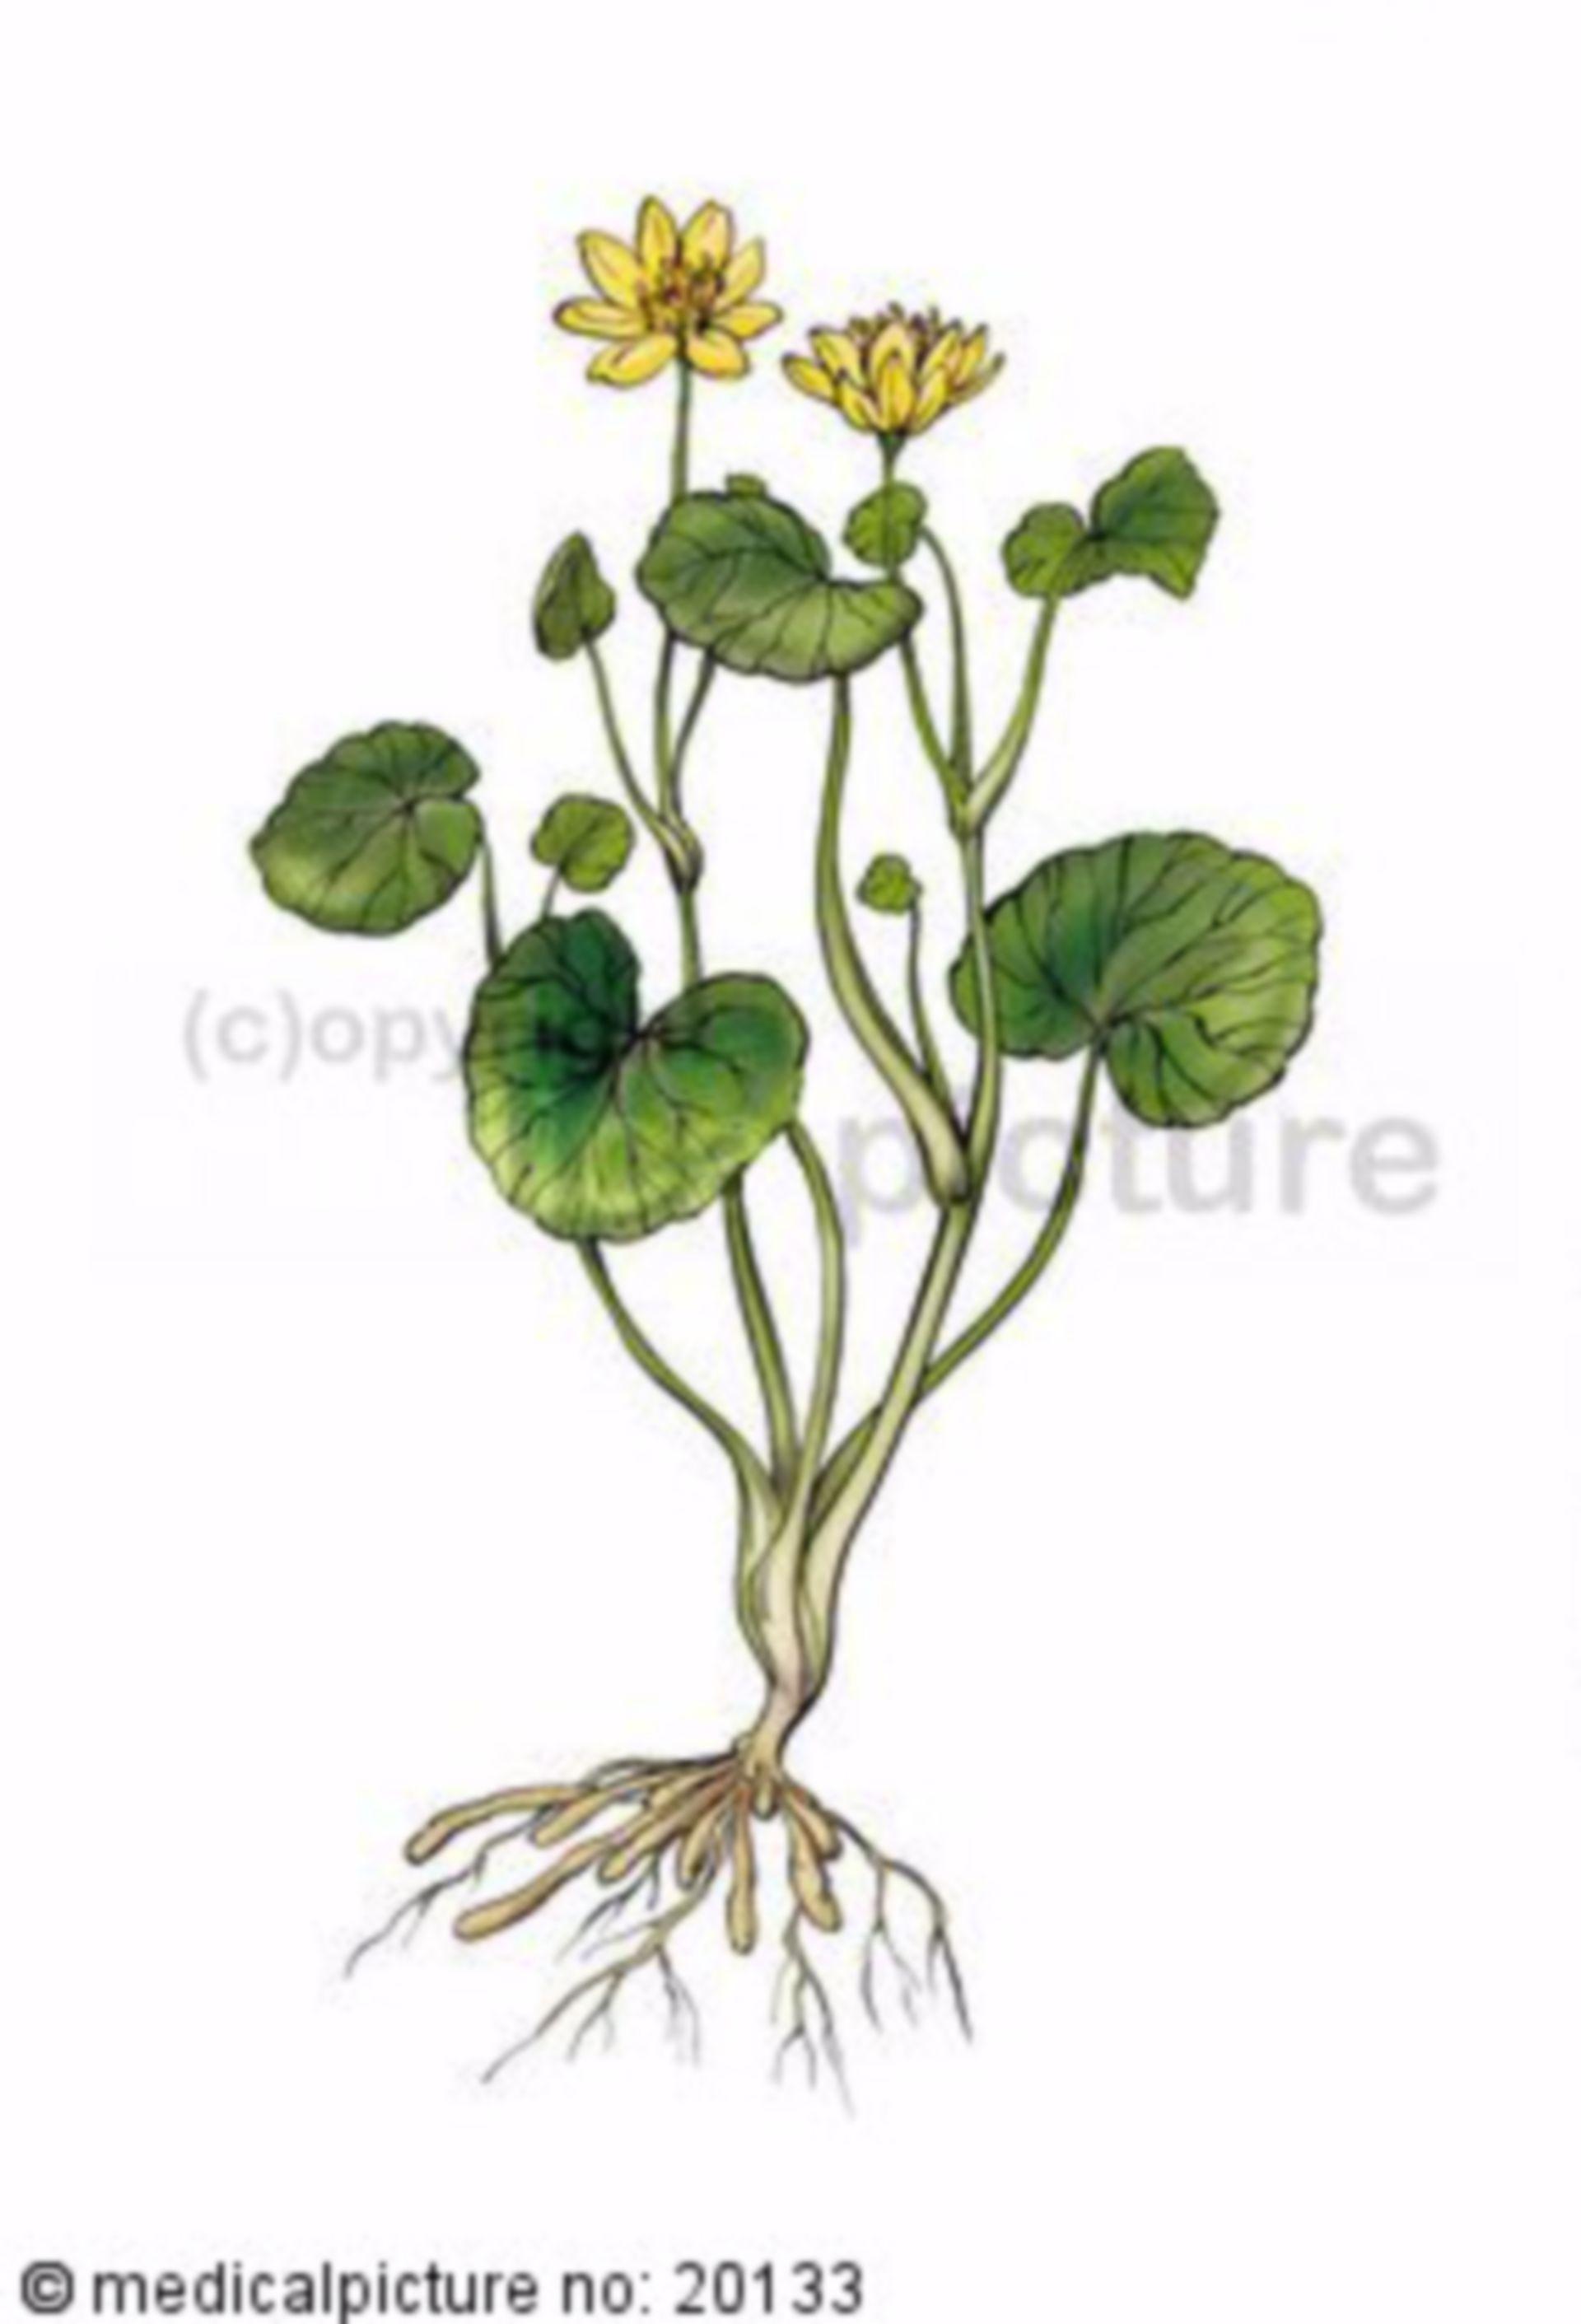 Pilewort, Ranunculus ficaria